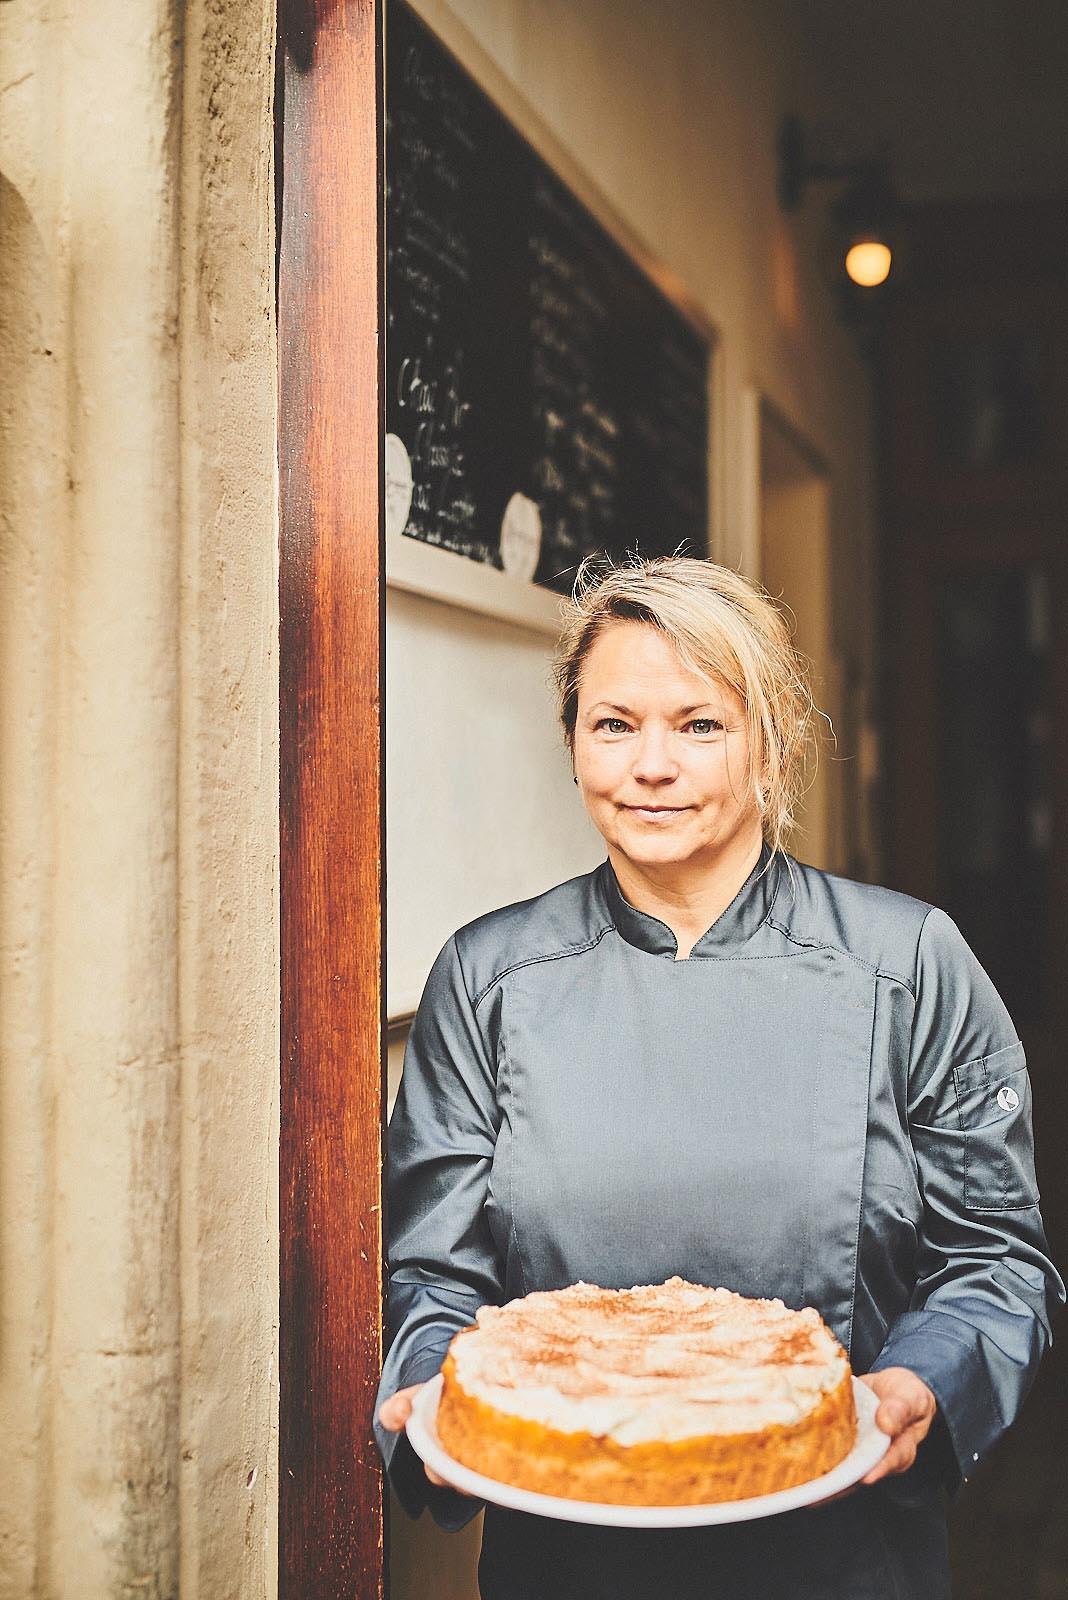 Porträt-Foto Konditorin im Cafe Pfefferminzje in Koblenz mit frisch gebackenem Kuchen in der Hand - moderne Portrait-Fotografie von Anna Schneider neon fotografie